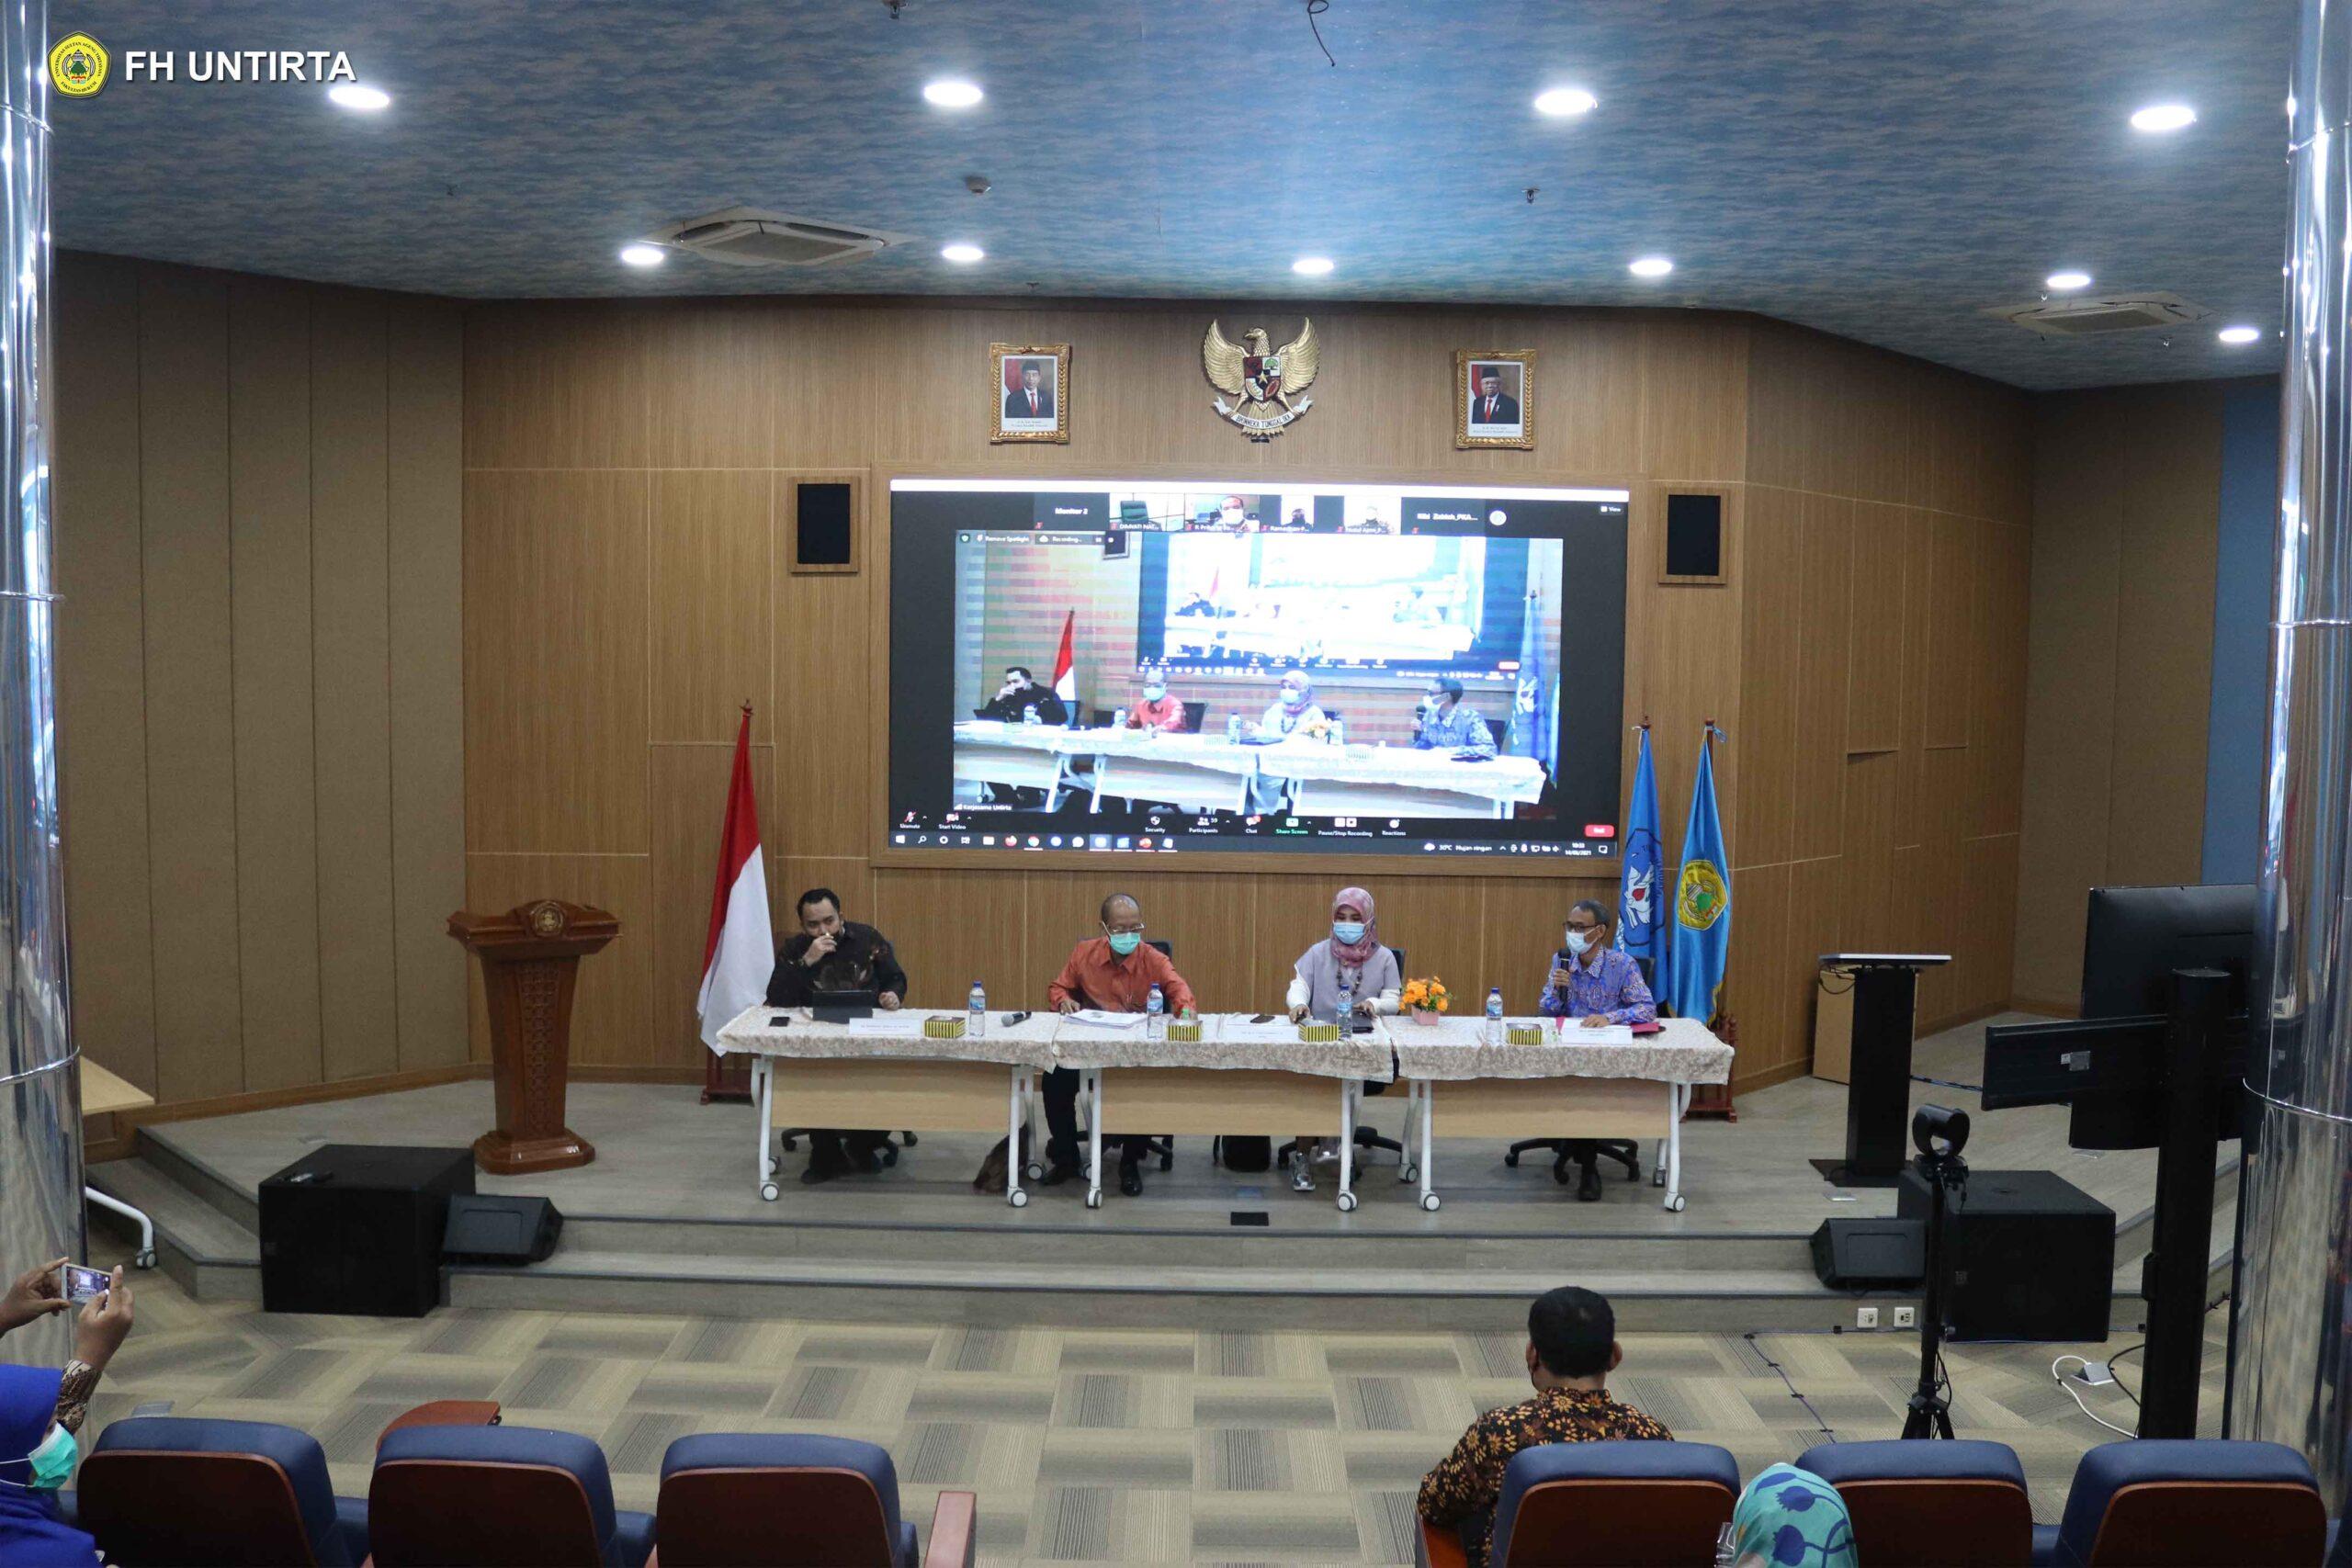 Dosen Fakultas Hukum Untirta Menjadi Narasumber Diskusi Publik yang Diadakan oleh Badan Keahlian DPR RI dan Untirta